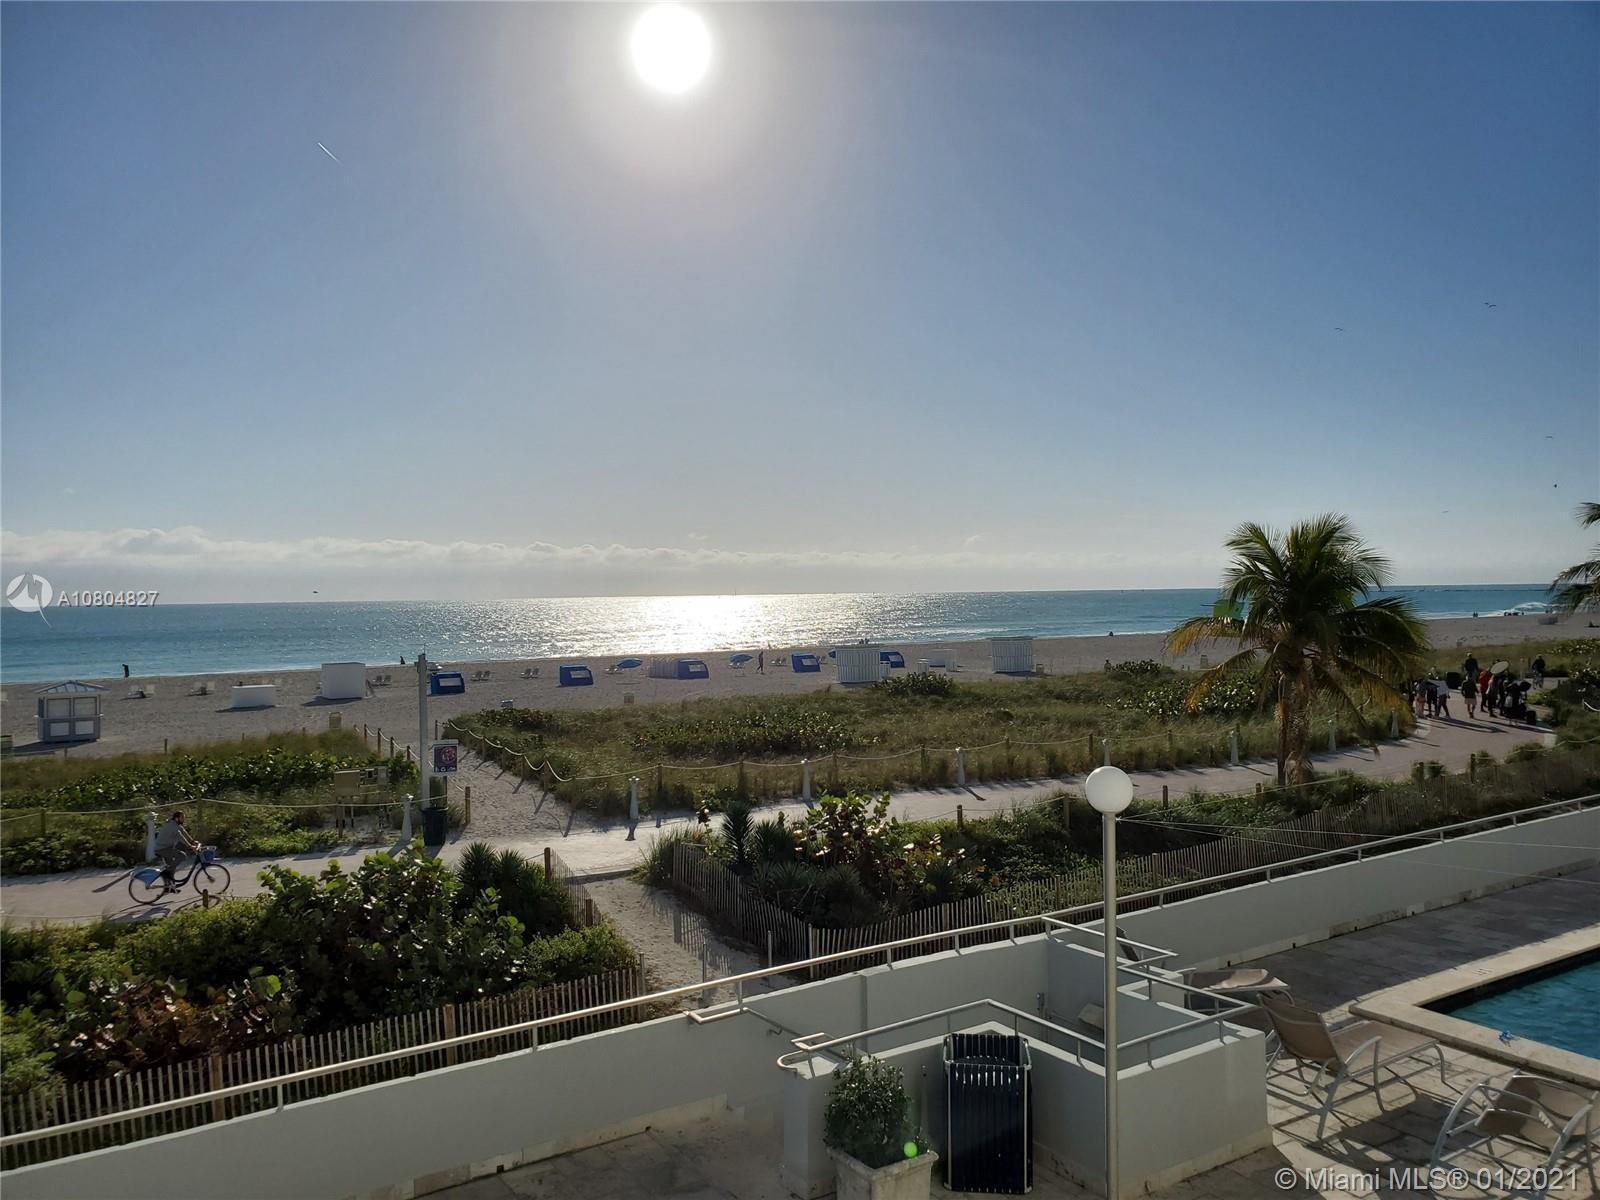 465 Ocean Dr, 317 - Miami Beach, Florida